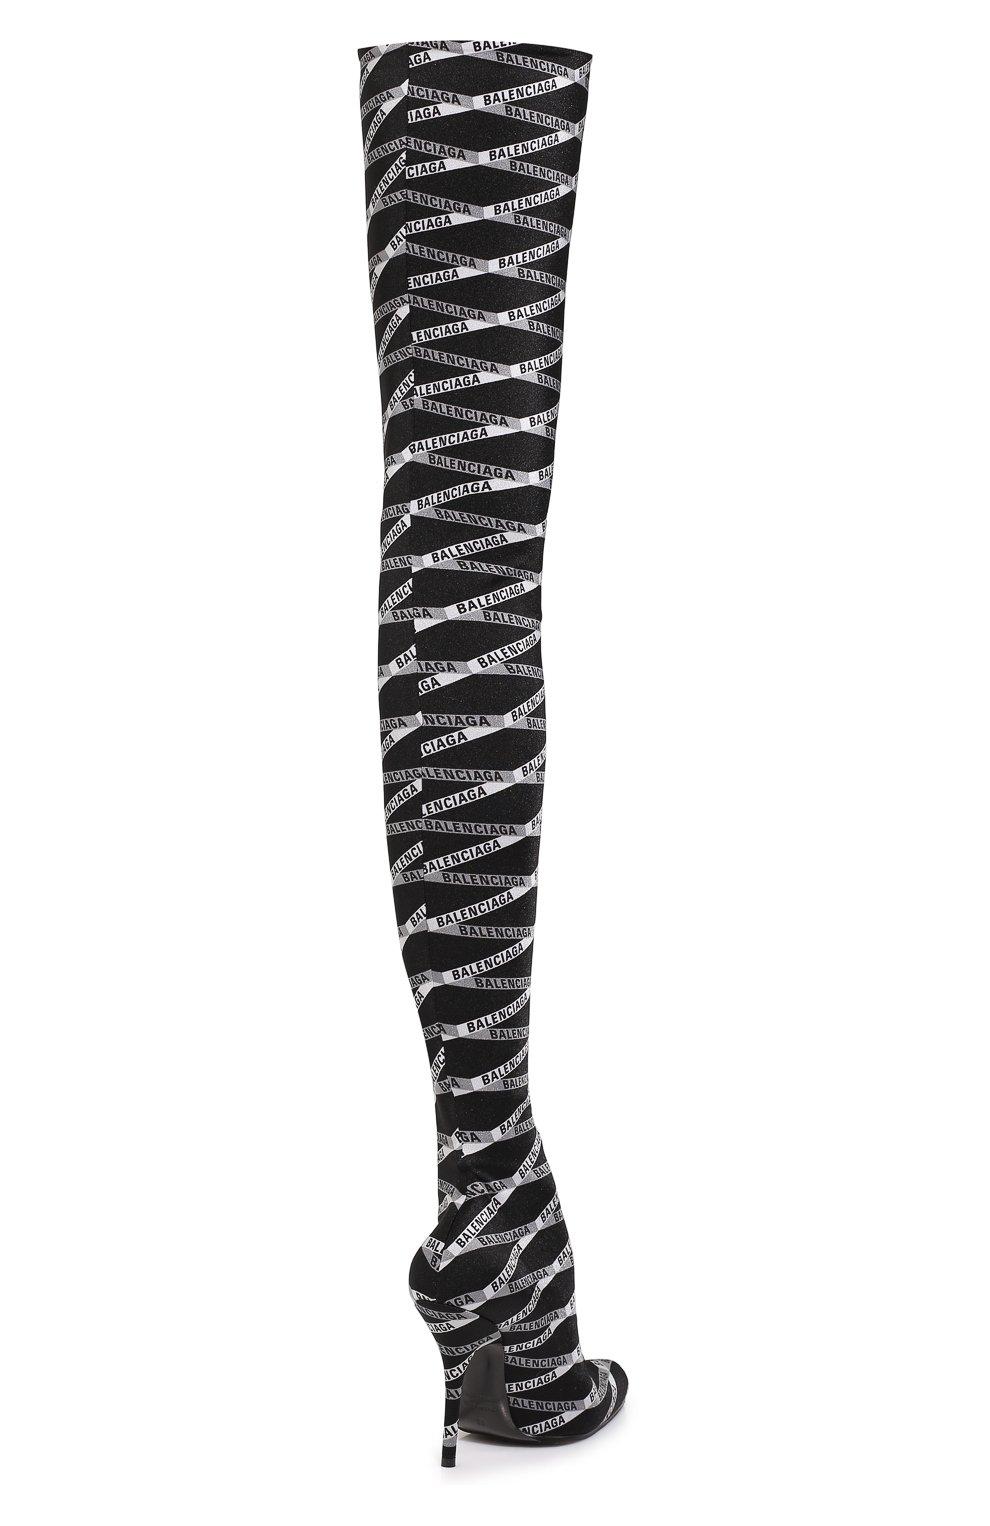 6529611da484 Женская обувь Balenciaga по цене от 18 800 руб. купить в интернет-магазине  ЦУМ